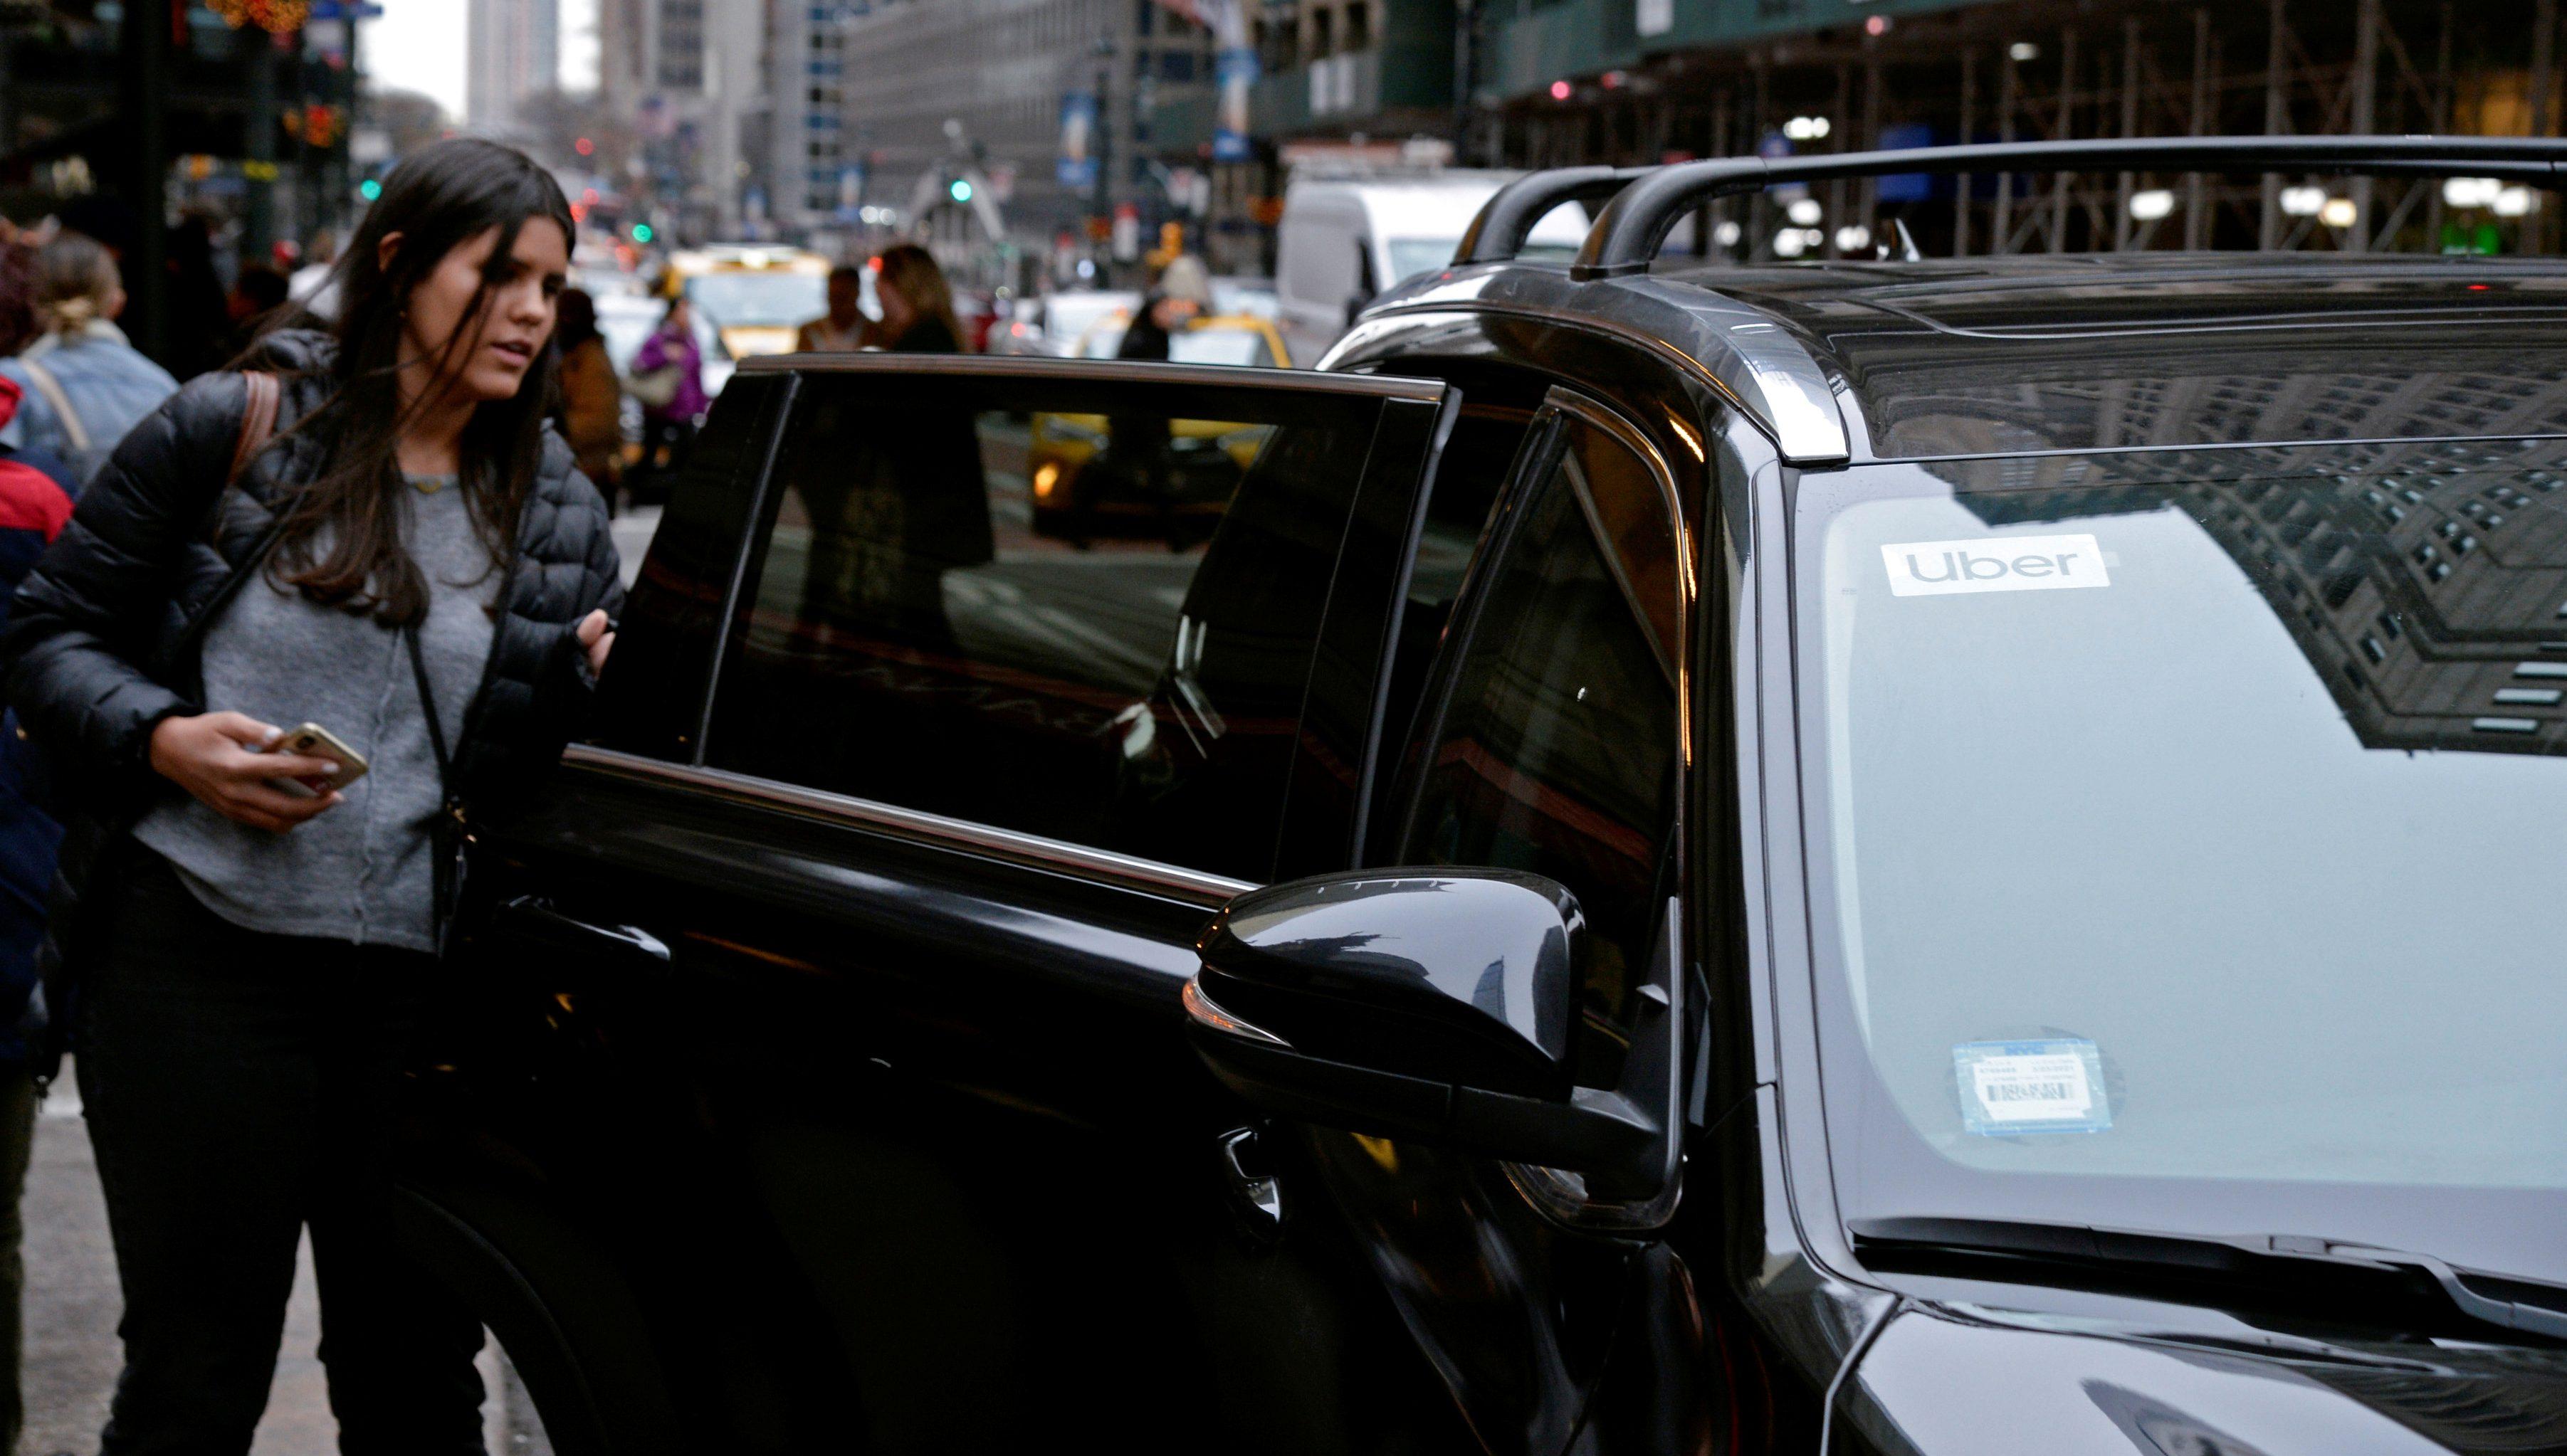 A passenger gets into an Uber car